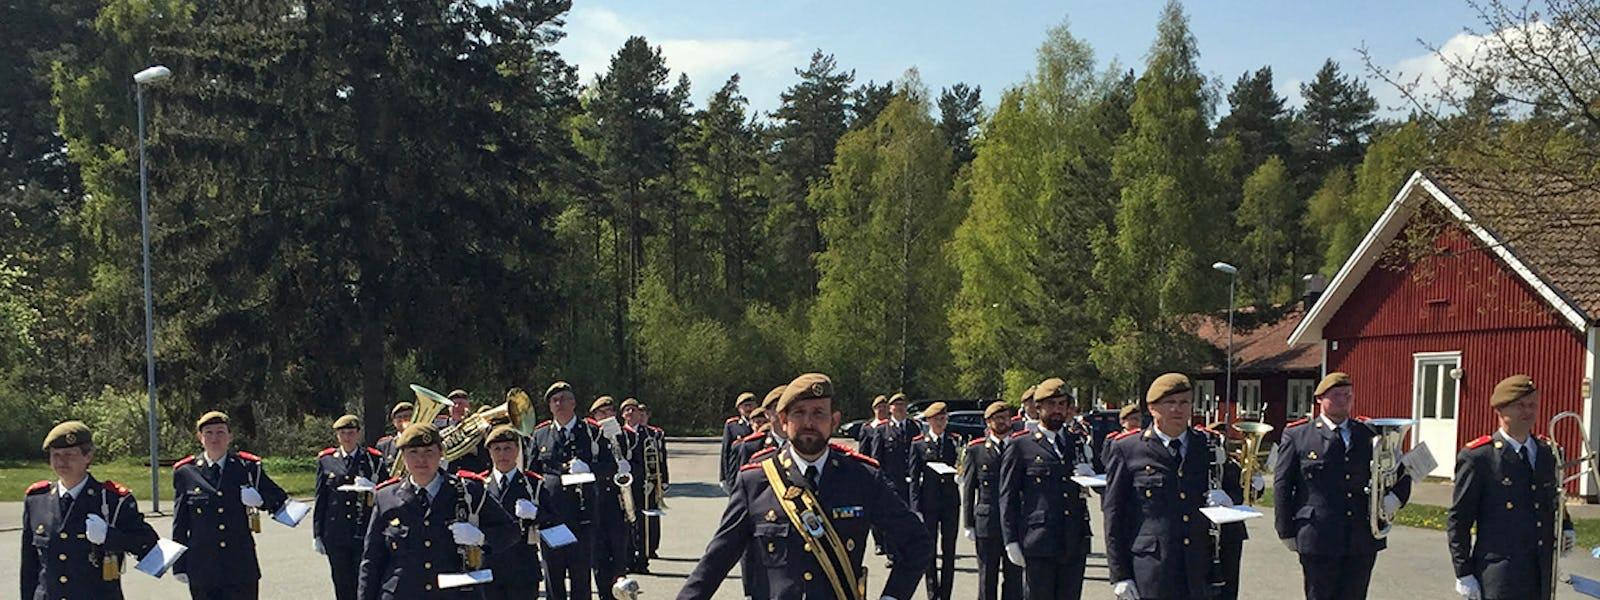 Bild - Hemvärnets musikkår Kristianstad